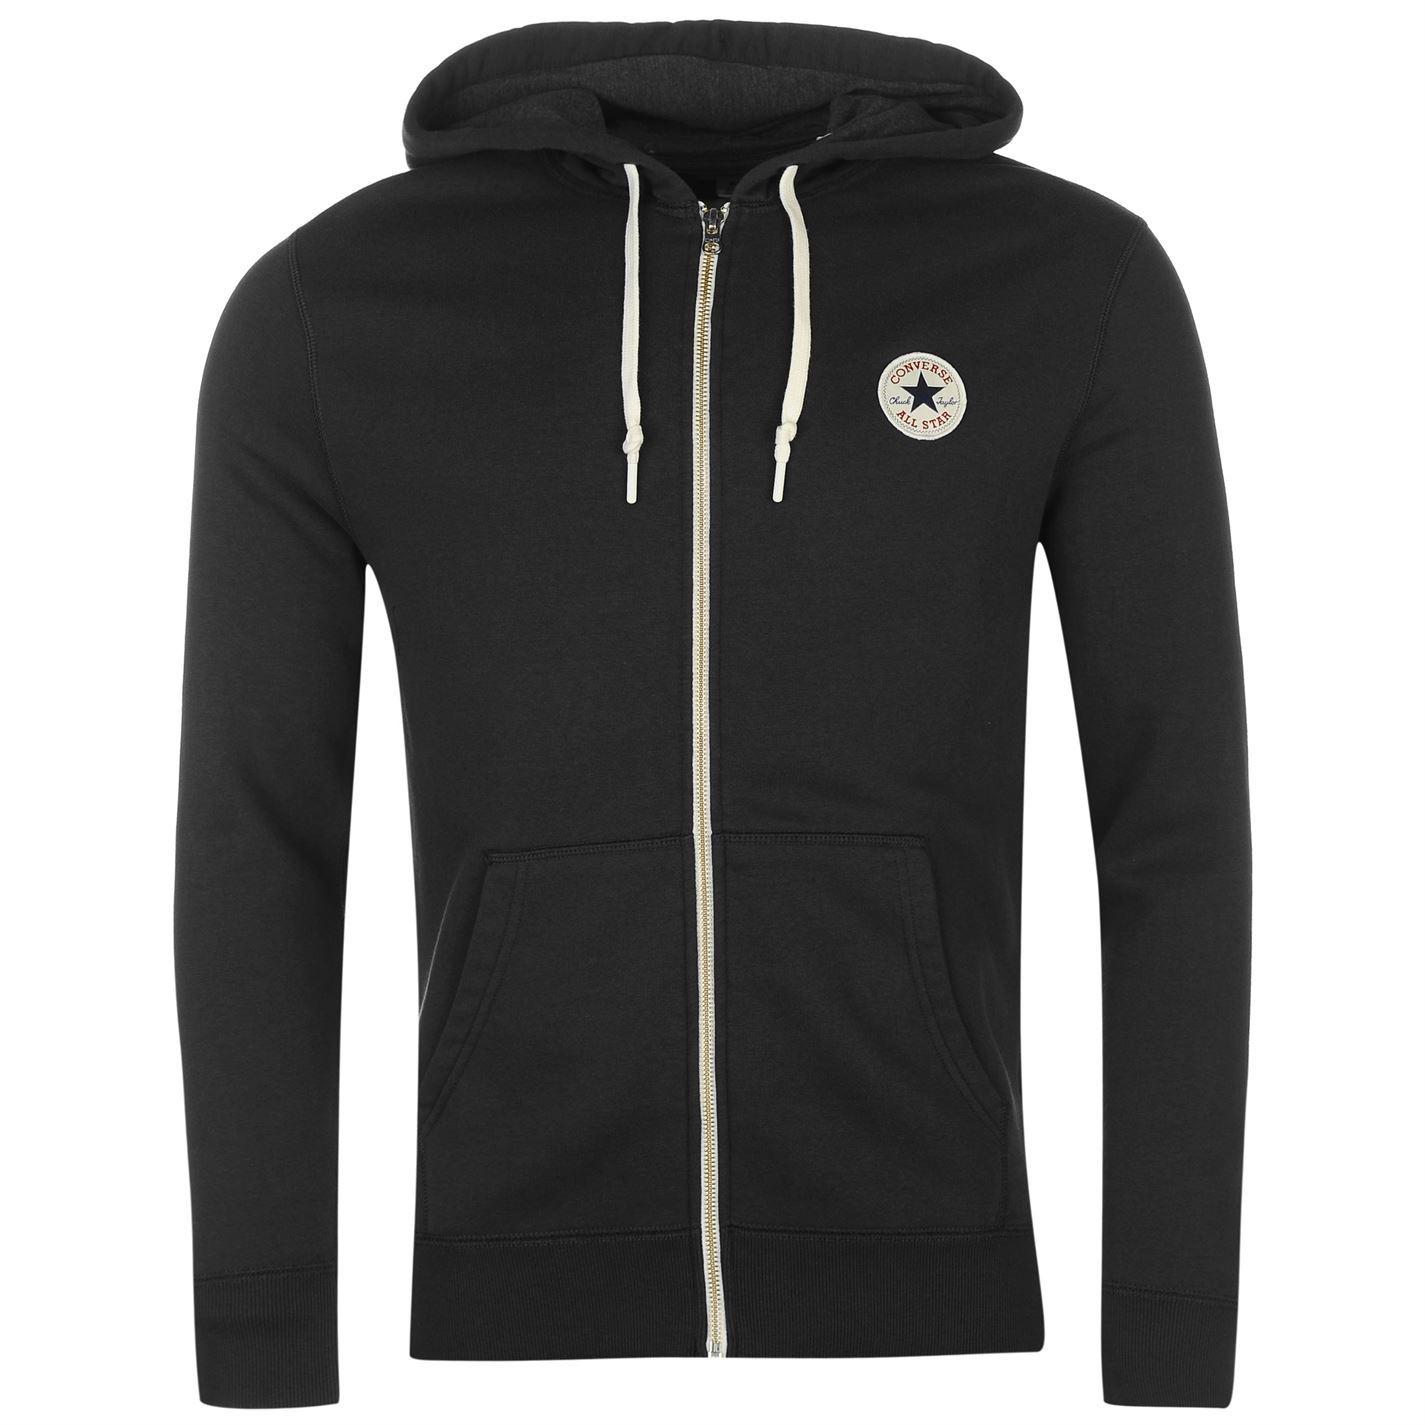 thumbnail 4 - Converse Core Full Zip Hoody Jacket Mens Hoodie Sweatshirt Sweater Hooded Top